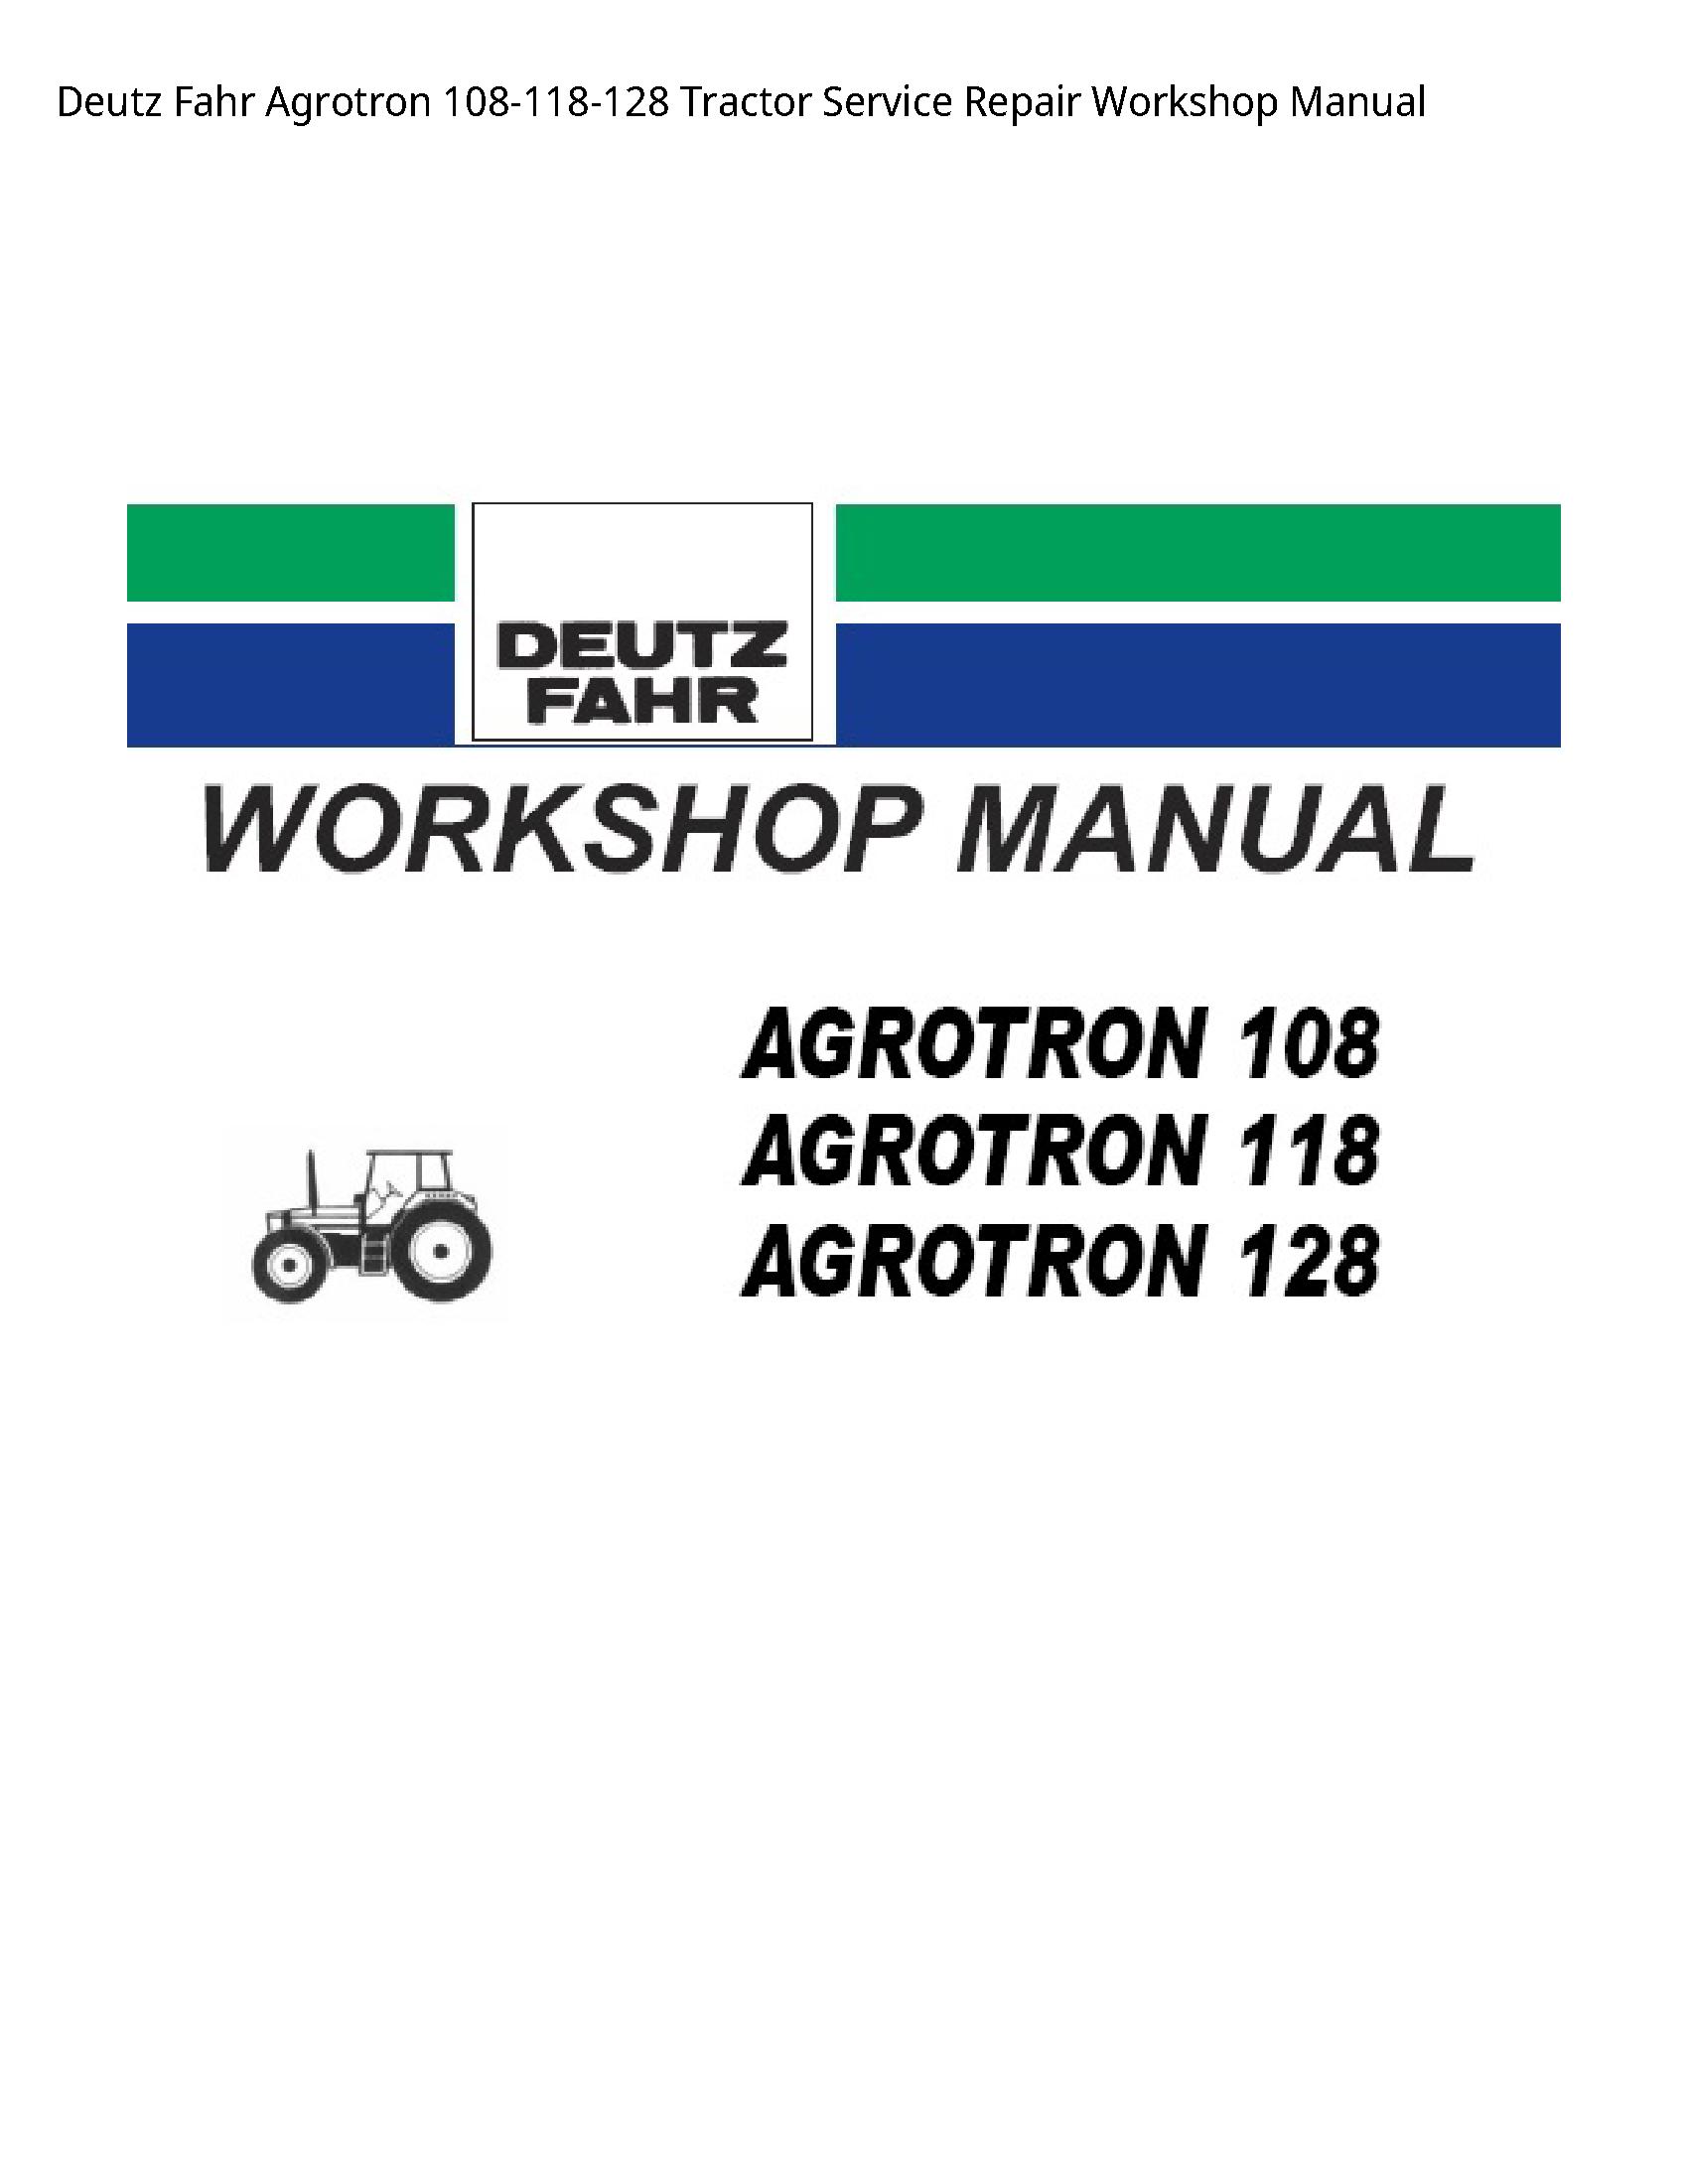 Deutz 108-118-128 Fahr Agrotron Tractor manual